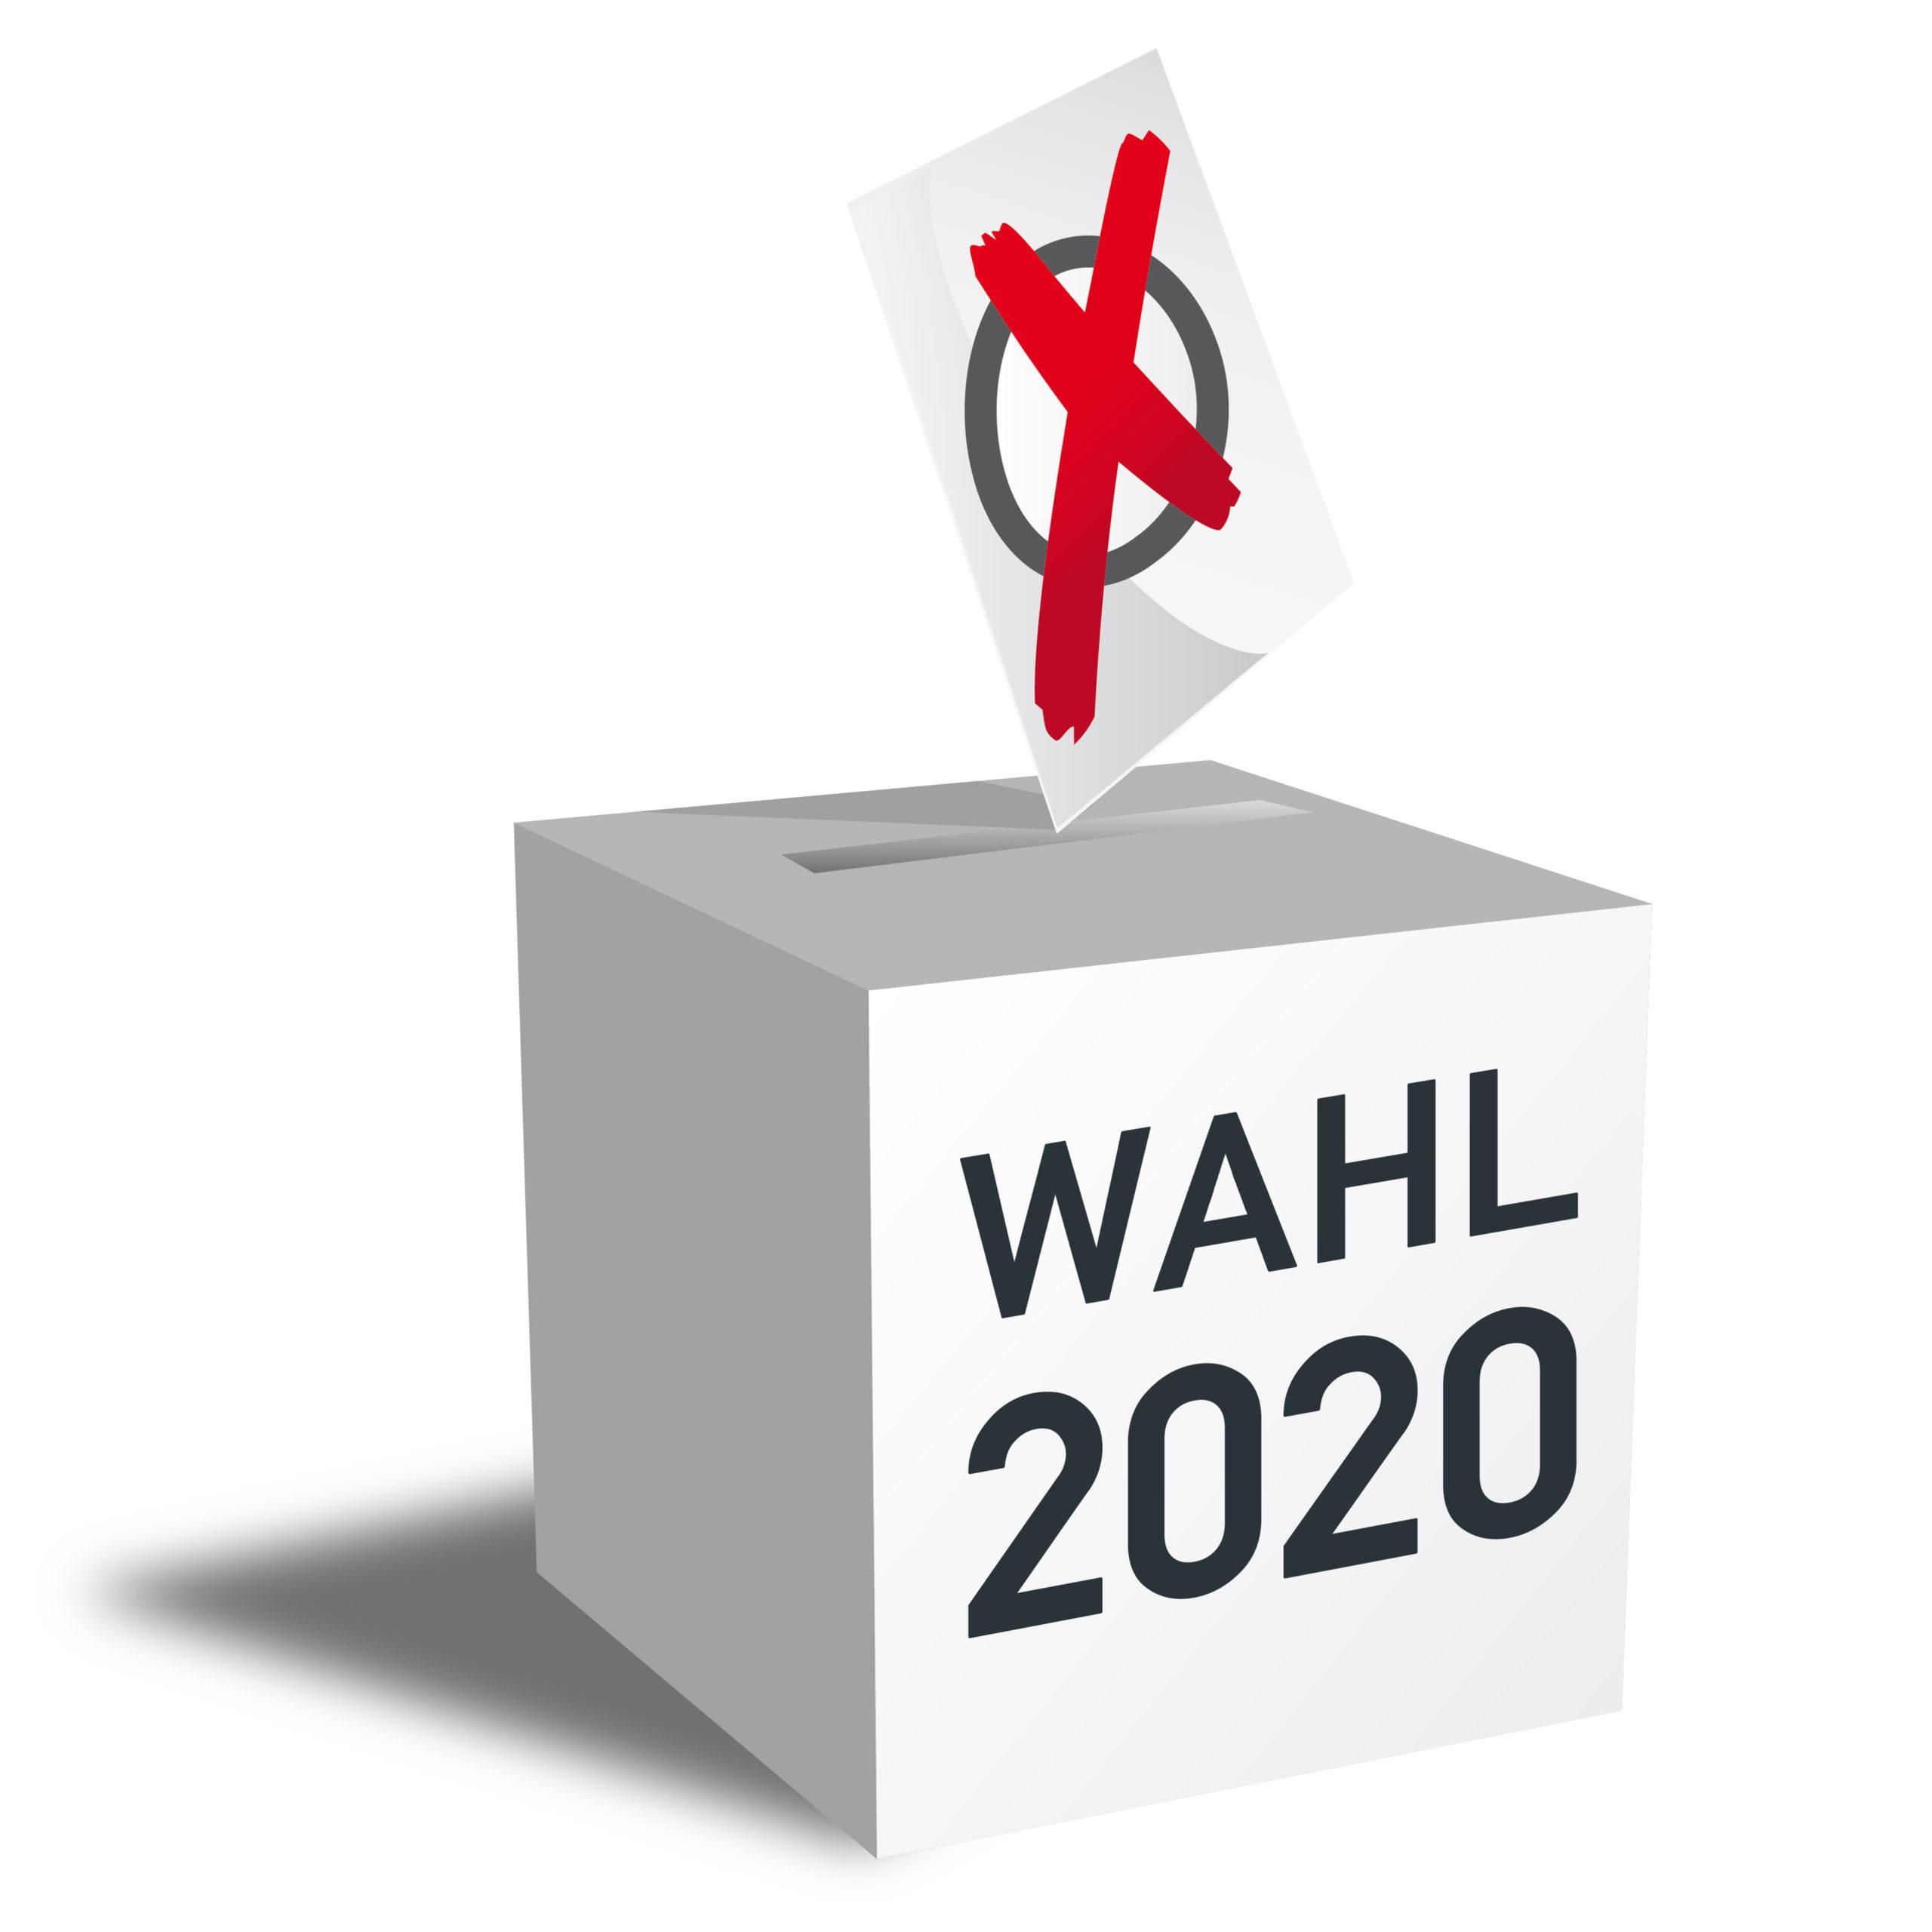 Wahl 2020 Wahlurne und Stimmzettel